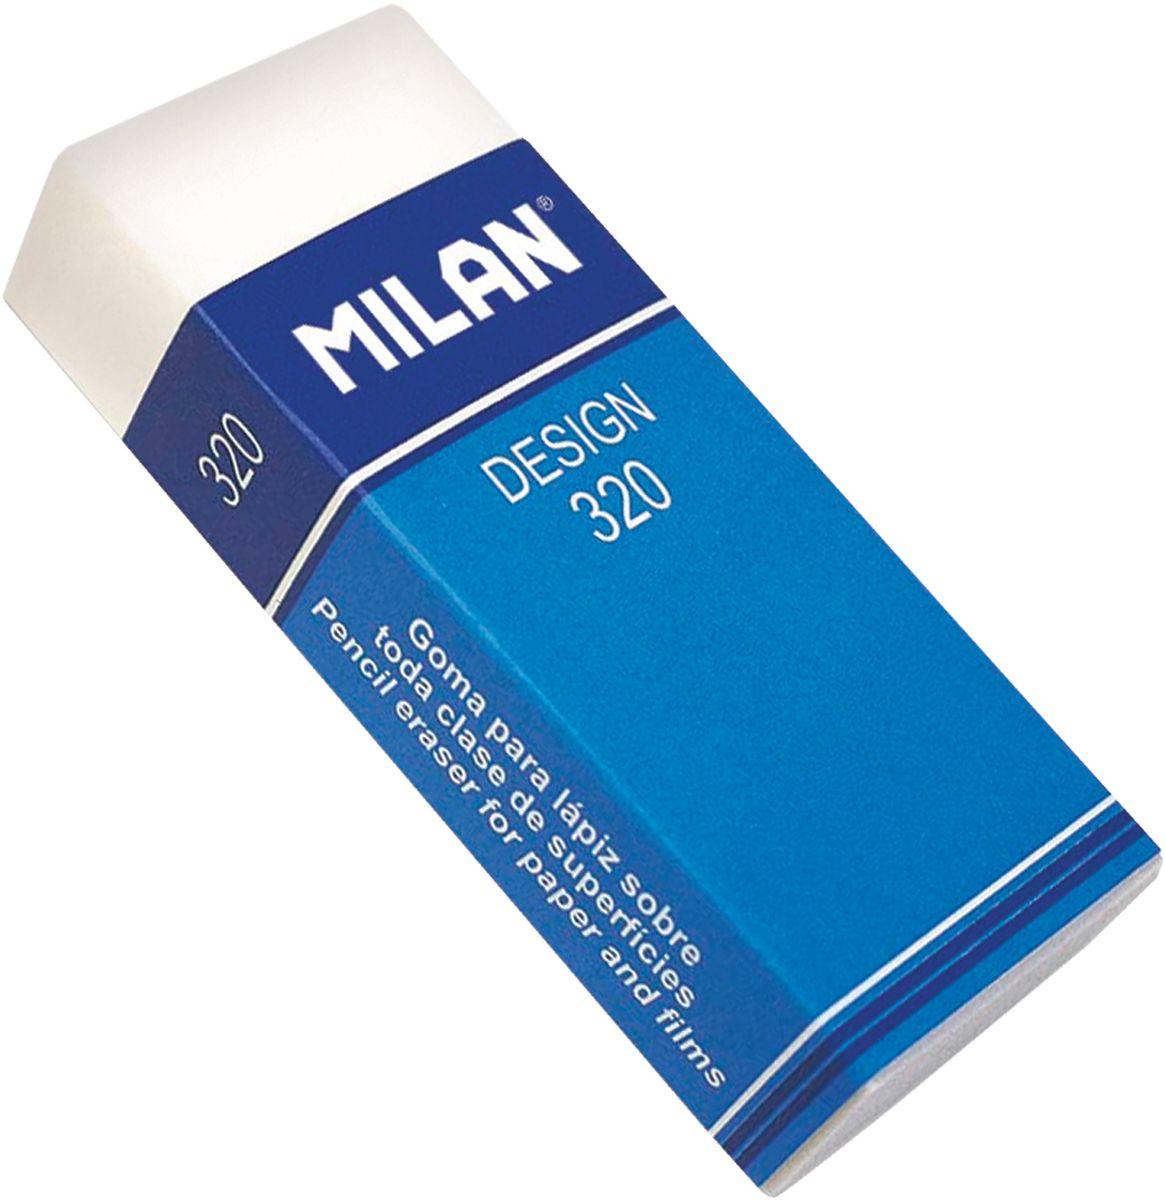 Milan Ластик Design 320 прямоугольный34650_желтый, зеленыйЛастик Milan Design 320 - это синтетический ластик широкого спектра применения в области дизайна и графики, конструкторских работ, архитектурных проектов. Картонный держатель, высокие функциональные свойства.